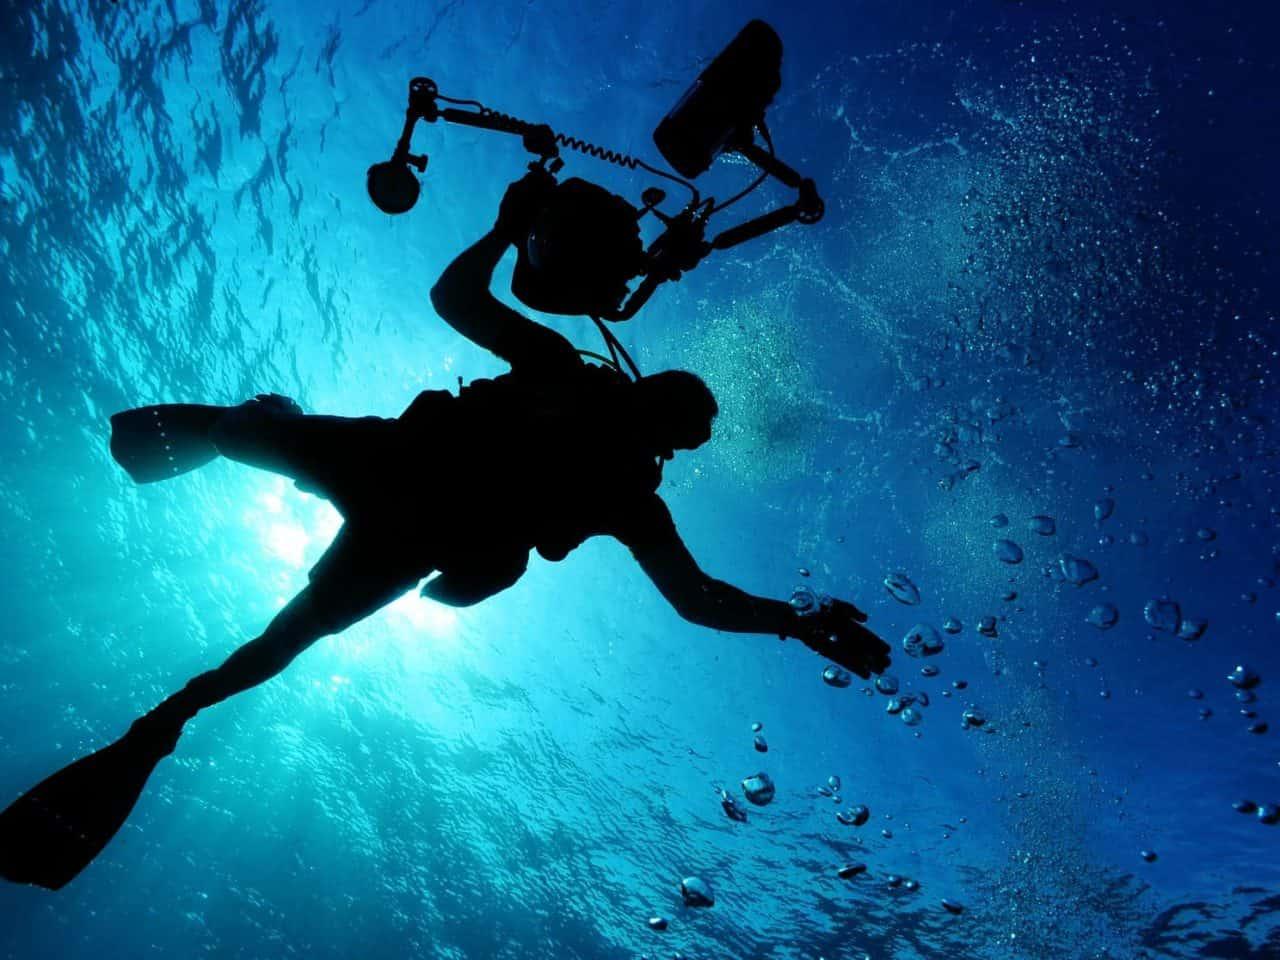 https://pr-helden.de/wp-content/uploads/2020/12/scuba-diving-79606_1920-1280x960.jpg